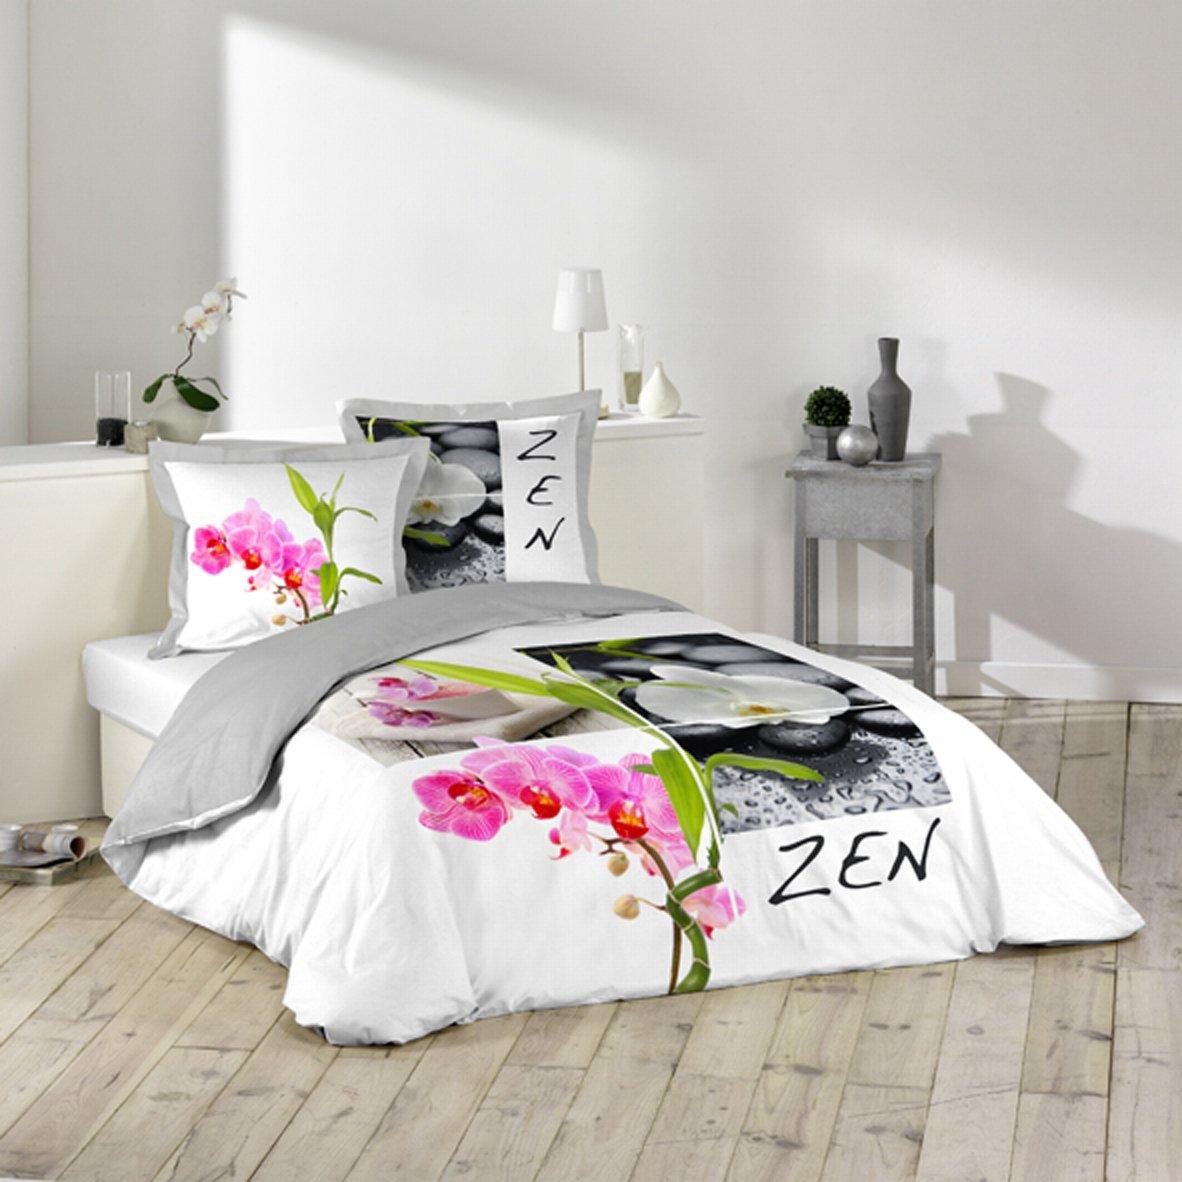 Douceur dintérieur parure de lit 2 personnes imprimé zen 220 x 240 cm amazon fr cuisine maison